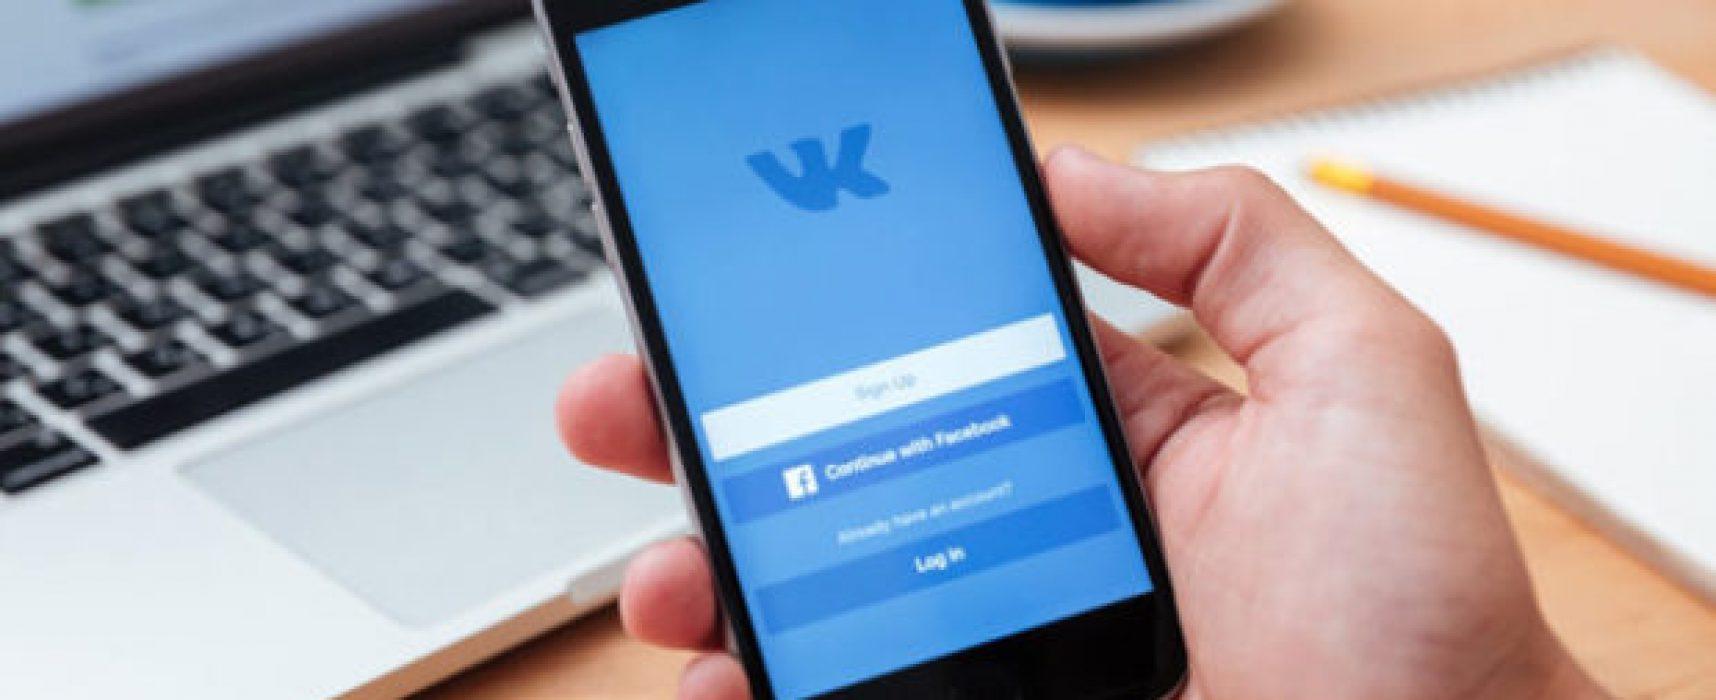 «Ведомости»: «Вконтакте» собирает данные пользователей и передает их Mail.ru Group